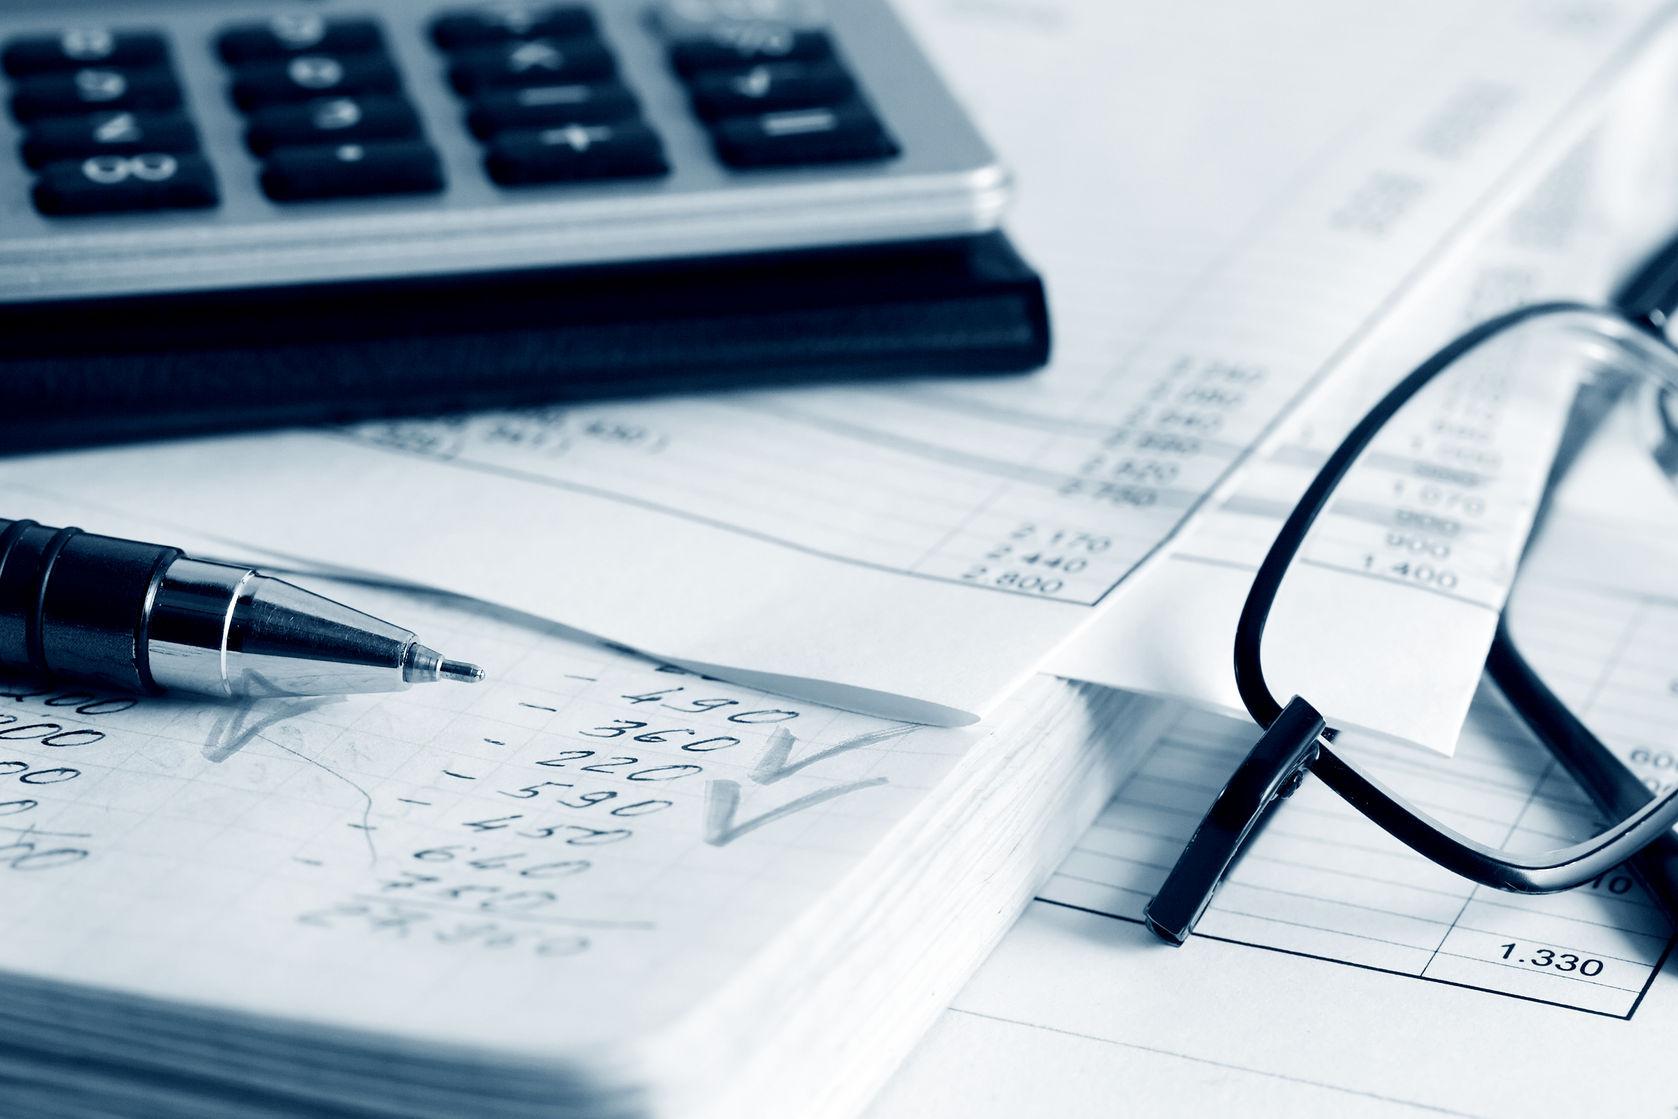 Системный анализ финансовой отчетности ооо ru 3 Применение стандартных приемов и системный анализ финансовой отчетности ооо методов финансового анализа на примере данных бухгалтерской финансовой